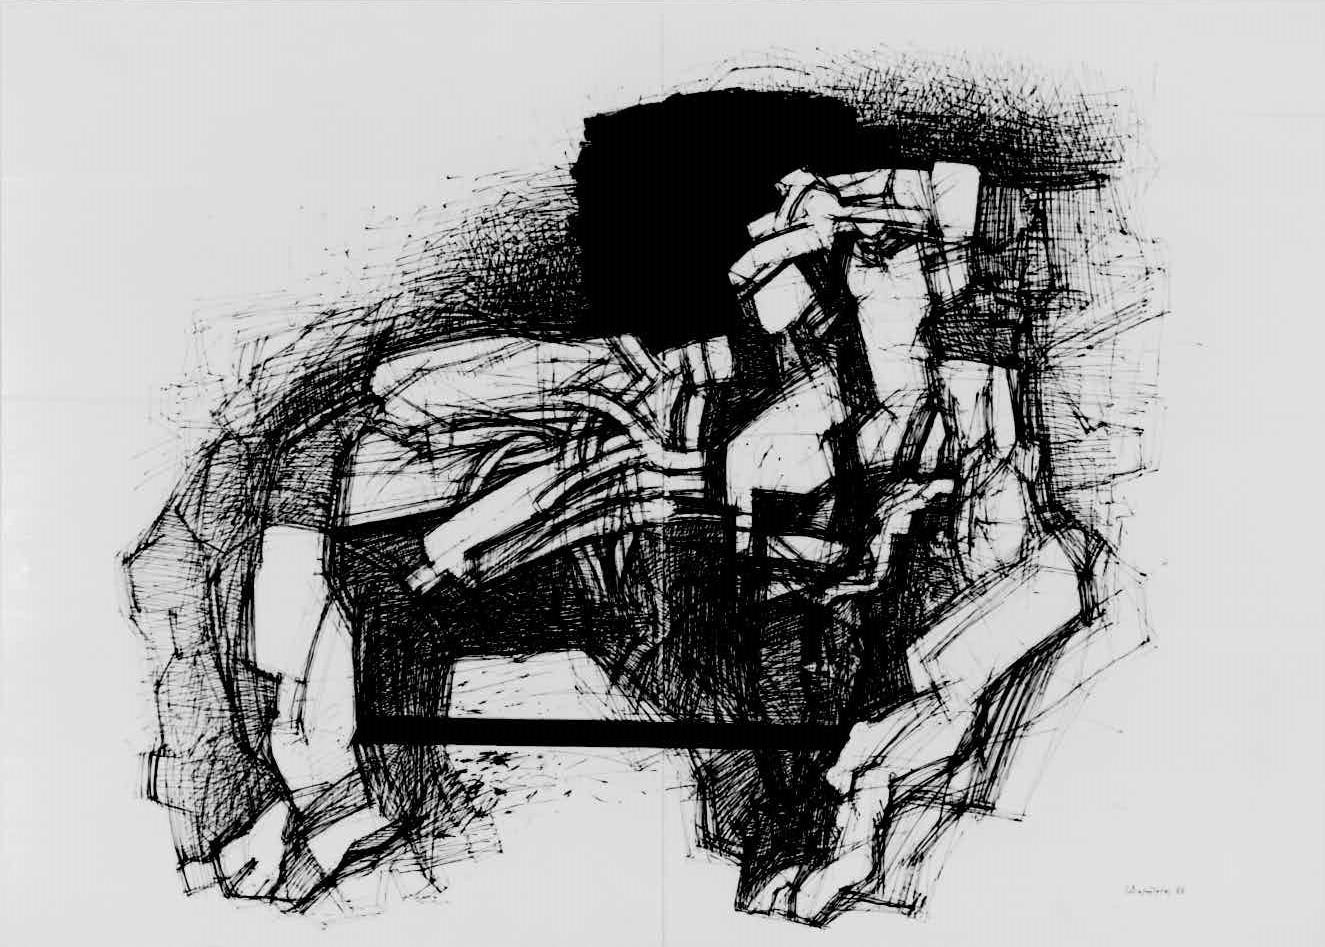 Η Δημοτική Πινακοθήκη Λάρισας αποχαιρετά τον Βαγγέλη Δημητρέα